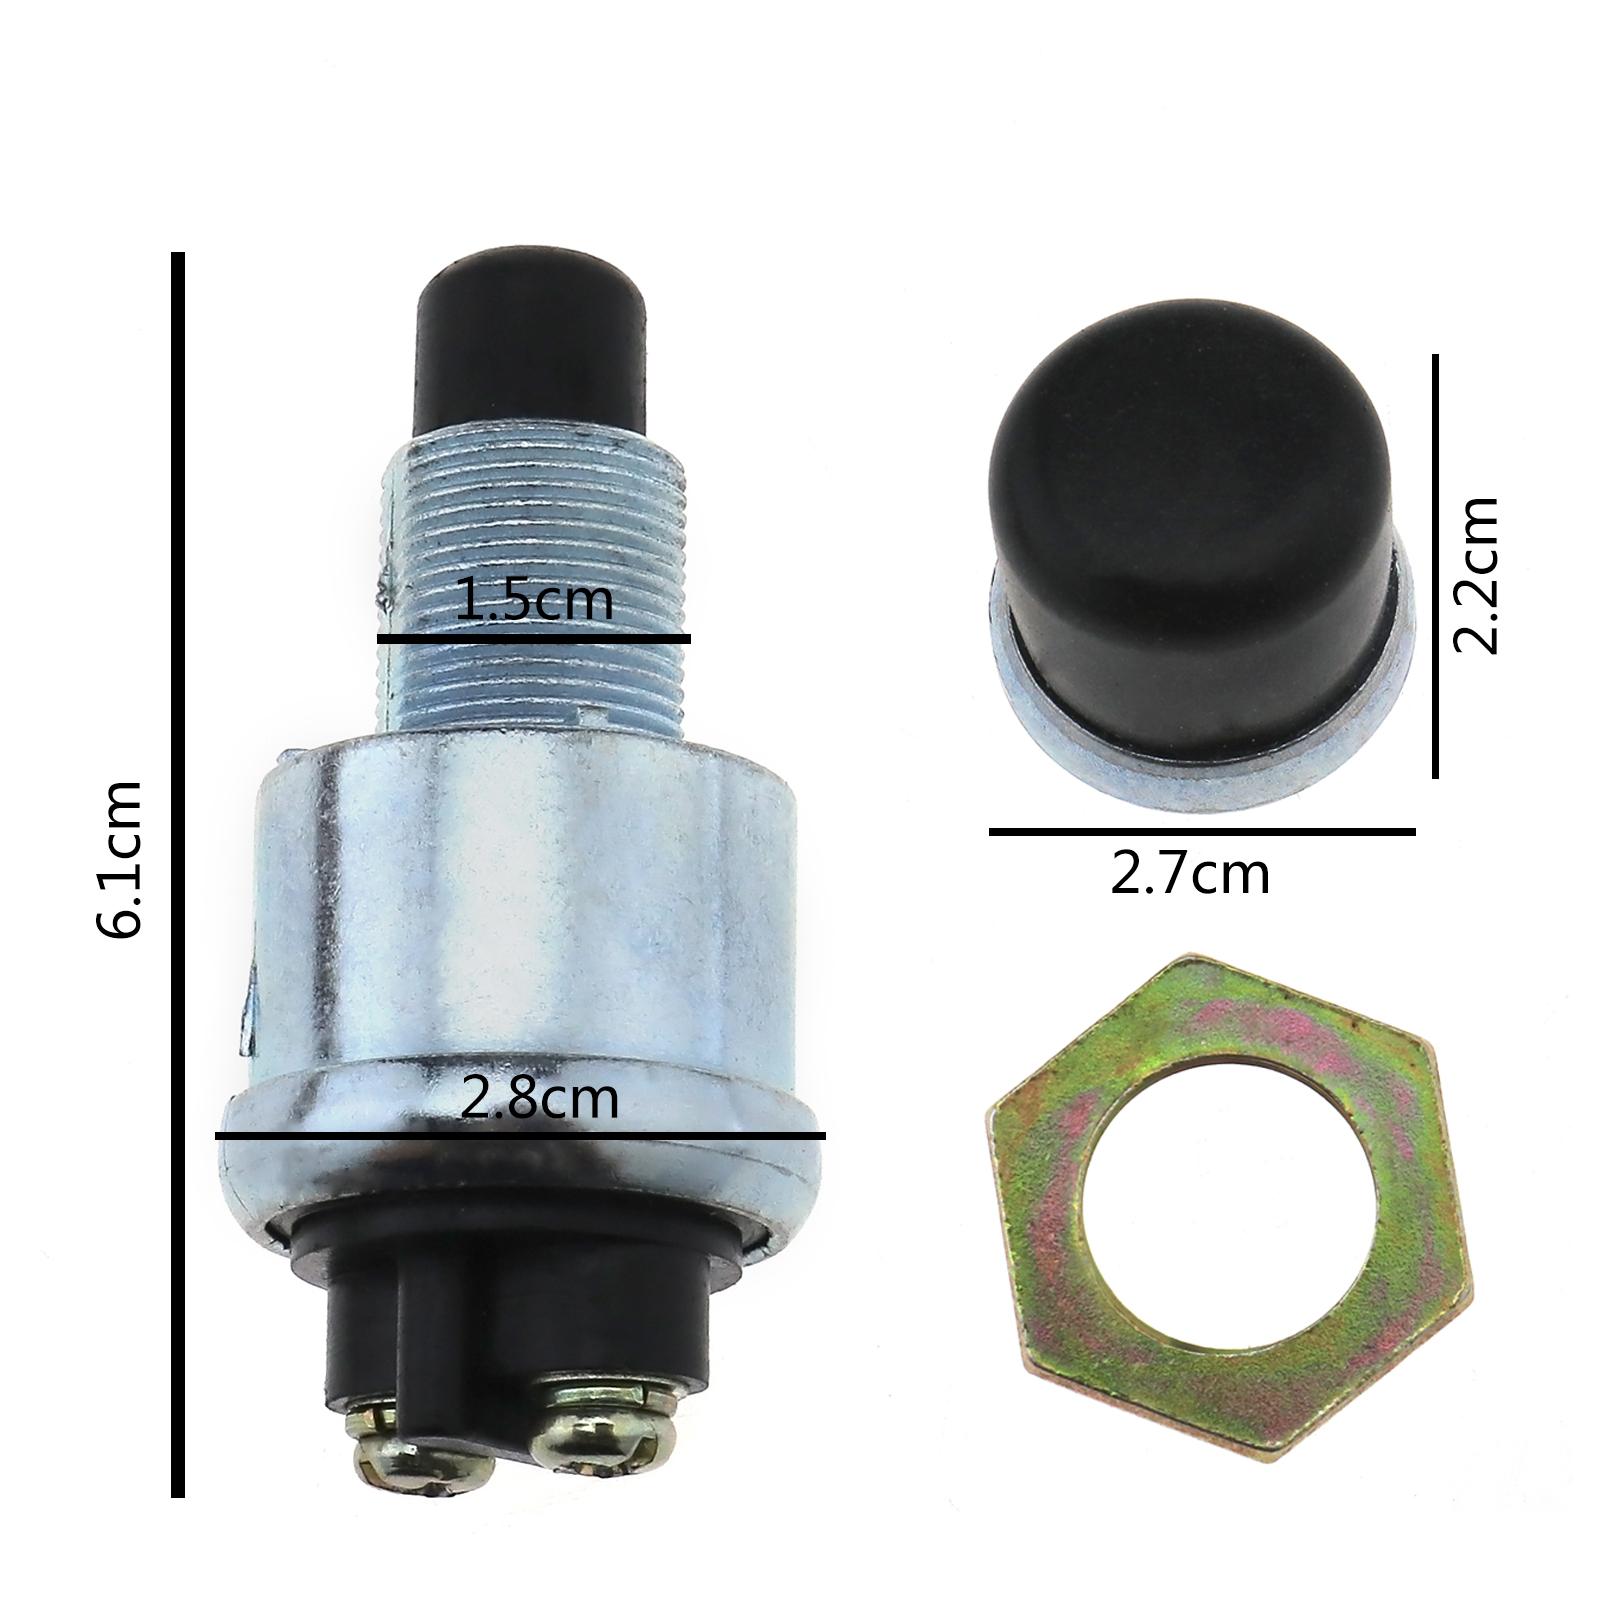 12 V Einpolige Druckschalter f/ür Motorrad//Auto Auto 5 St/ücke Wasserdichte Druckschalter Ein-Aus-Schalter